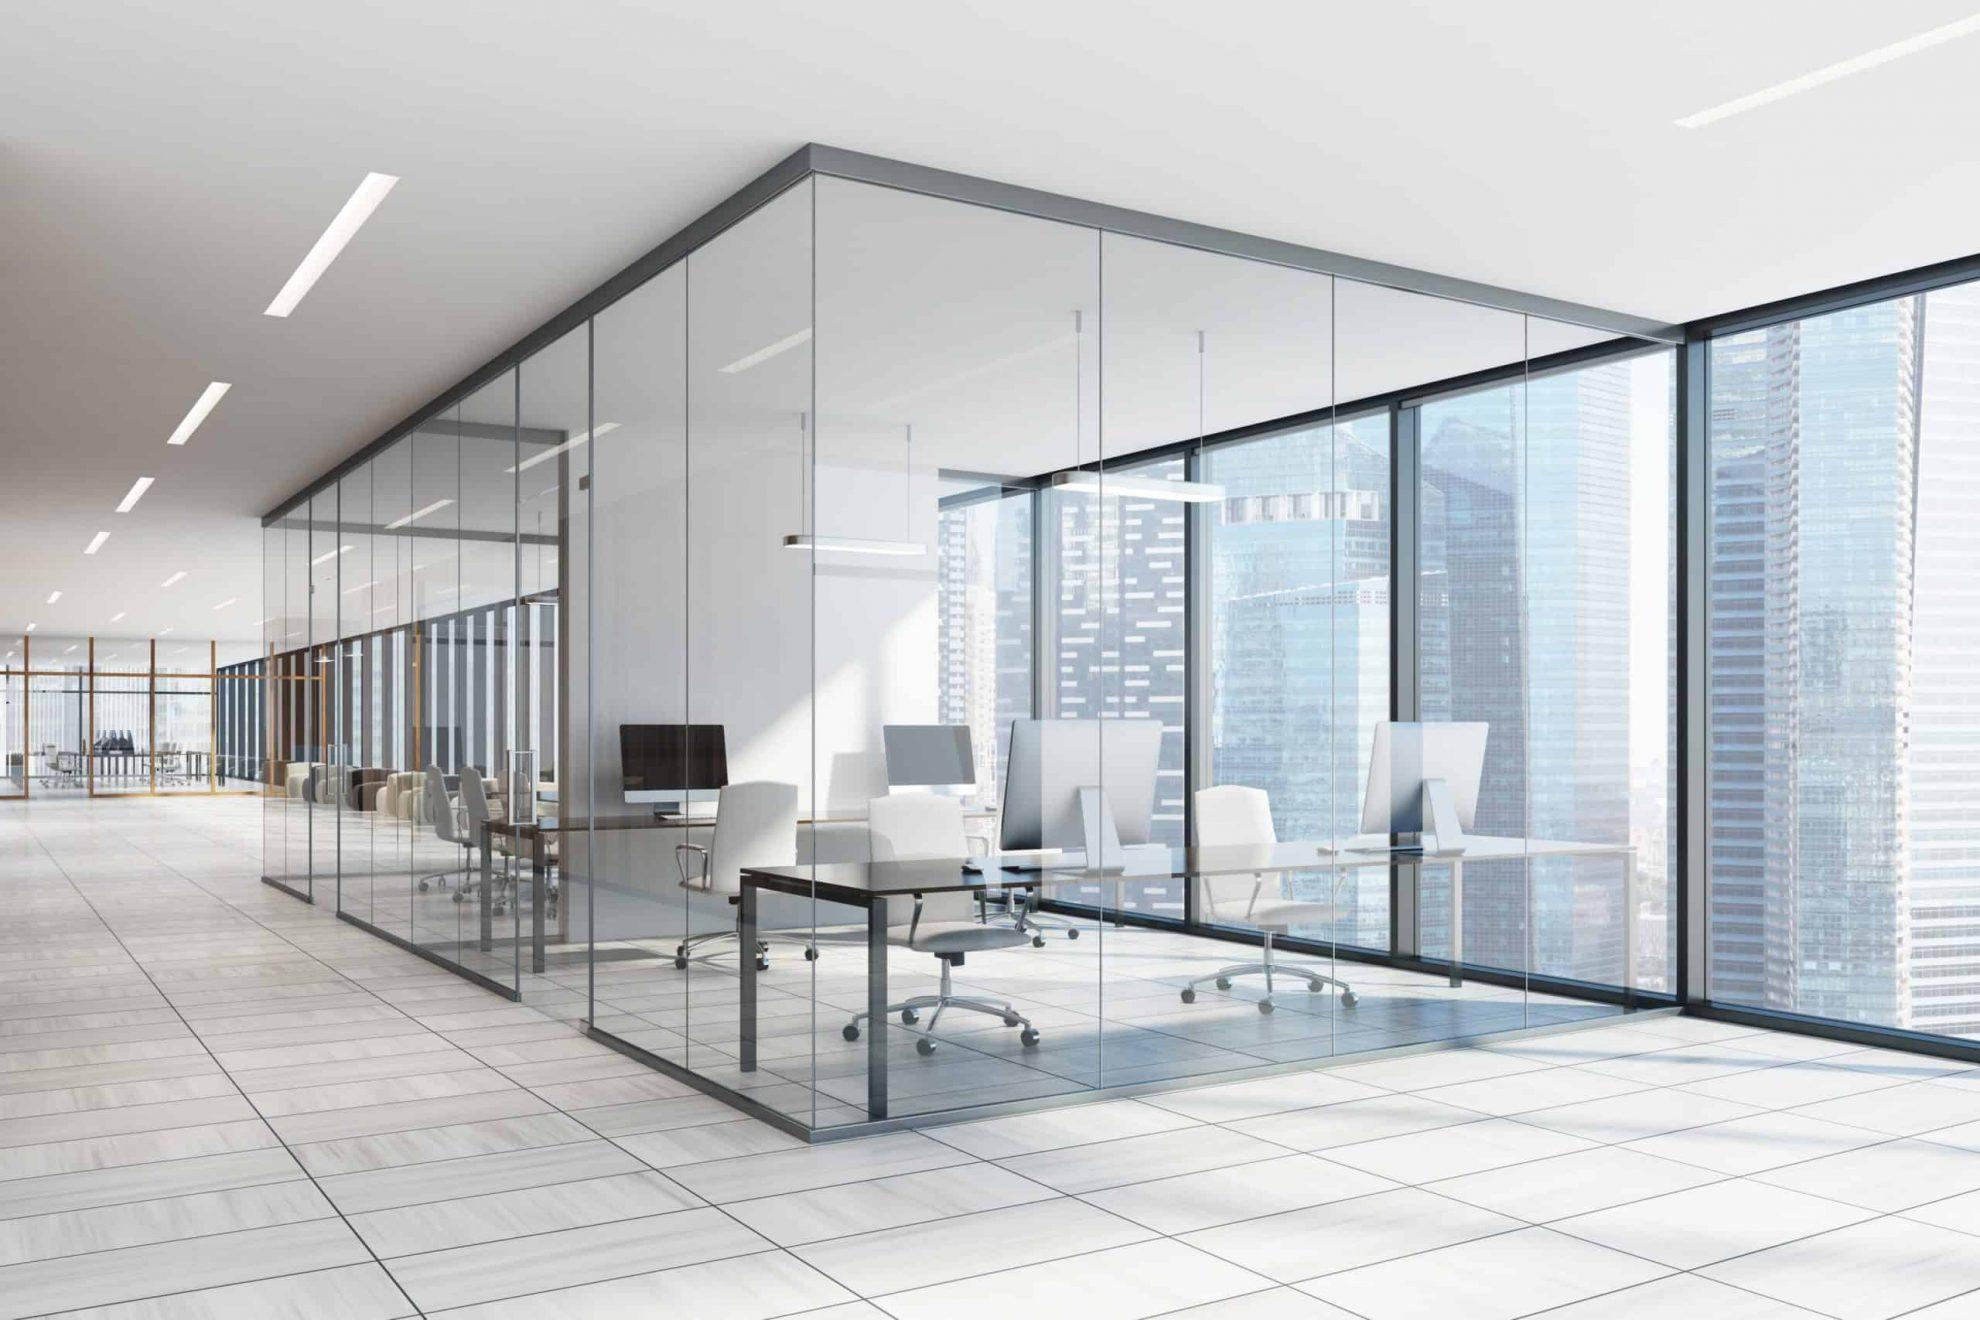 Kontorløsninger-Glass-Service-Svendsen-&-Sønn